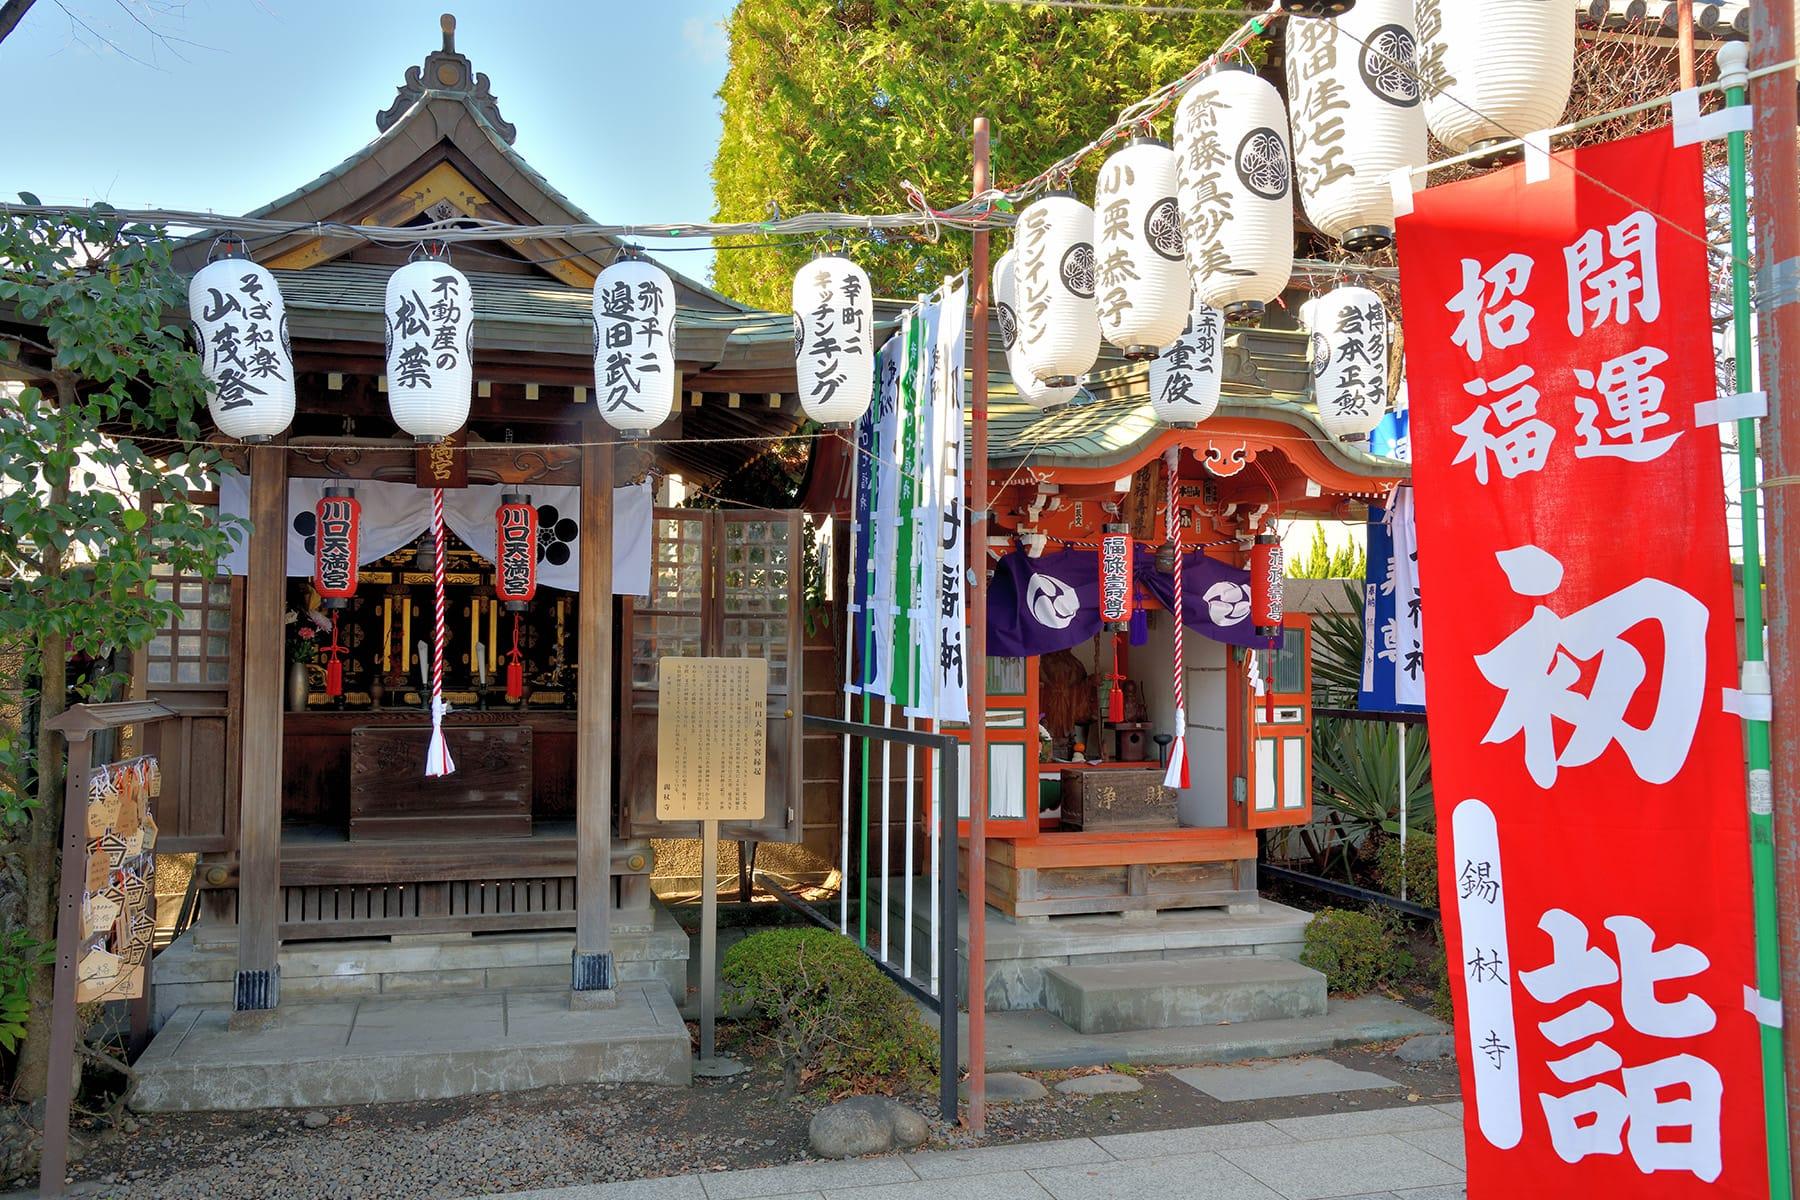 錫杖寺の除夜の鐘【錫杖寺:埼玉県川口市】 | フォトさいたま